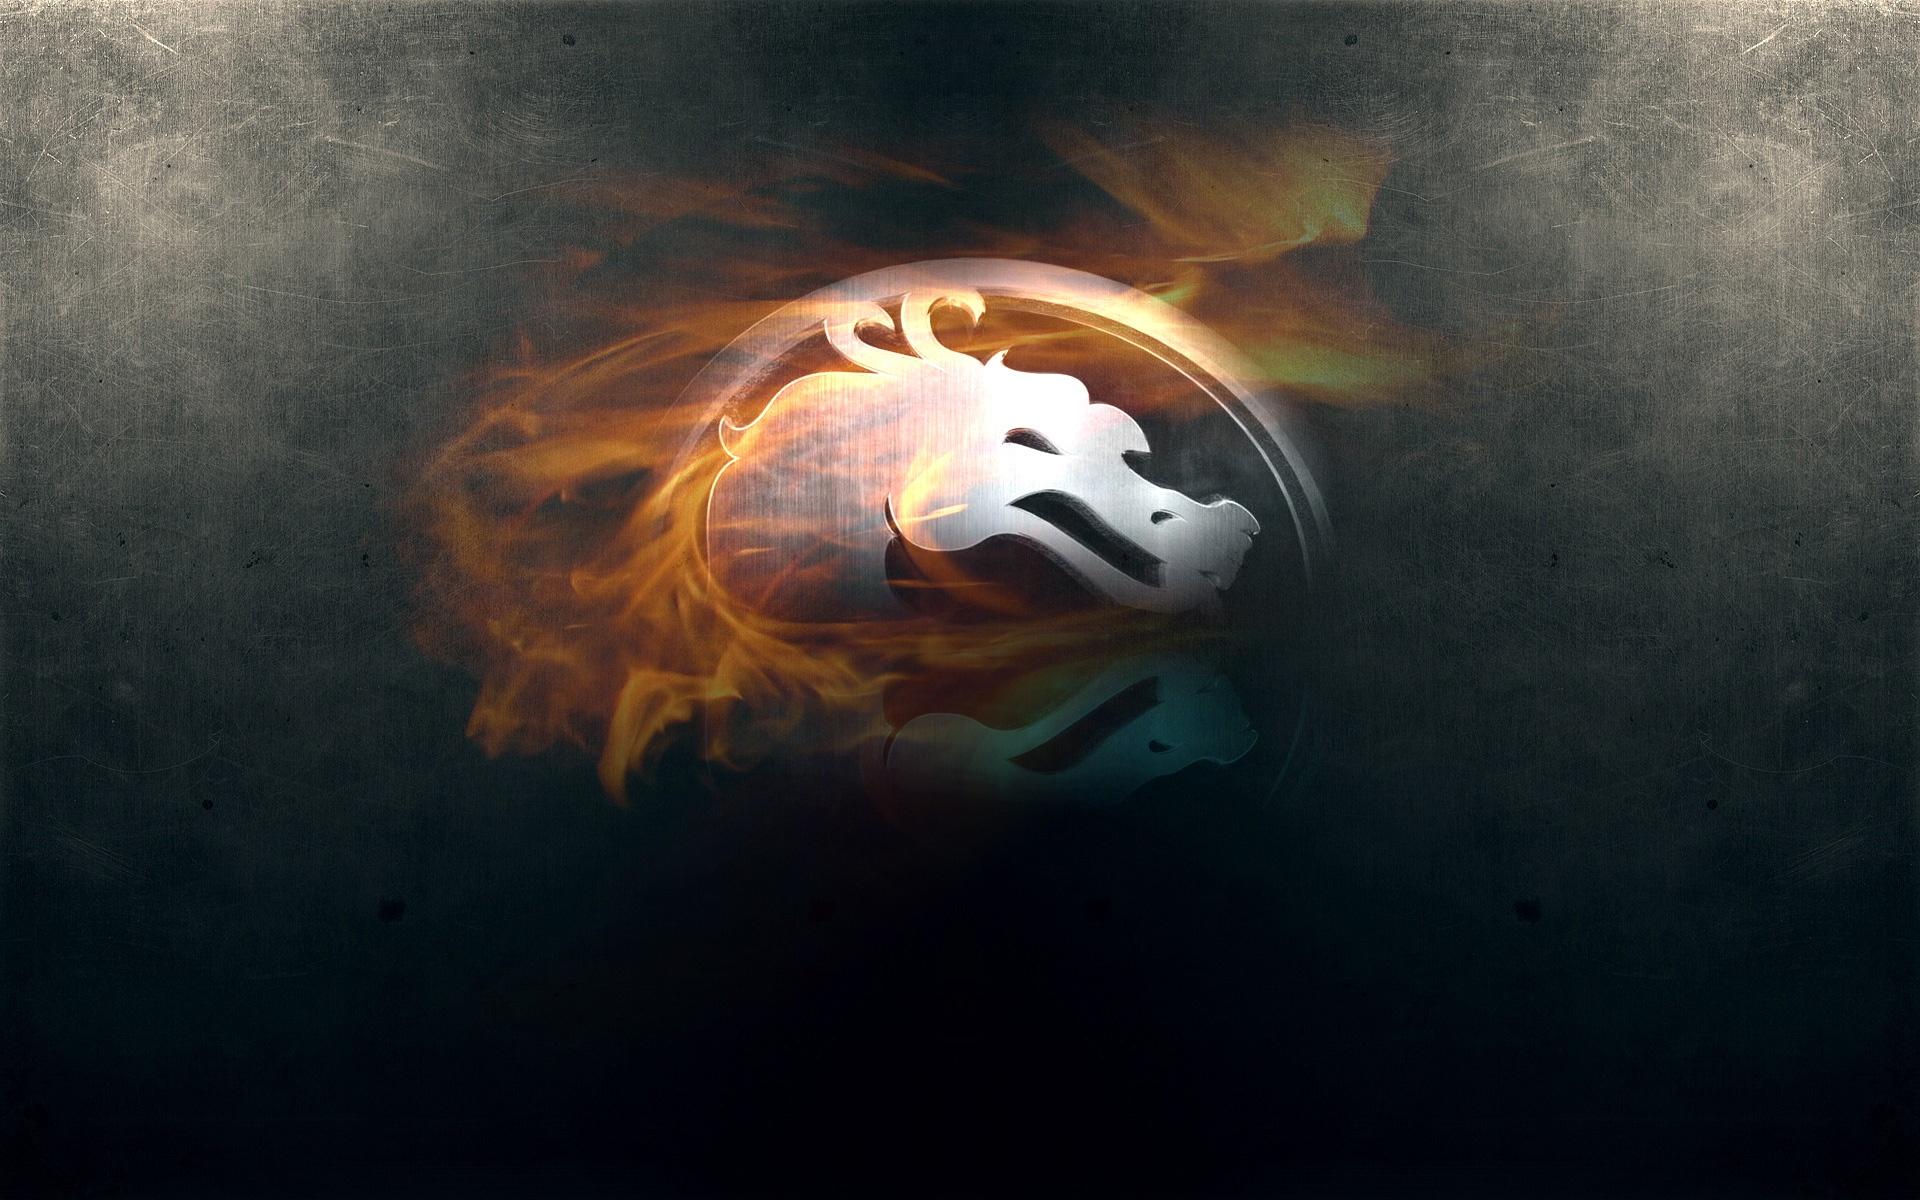 обои мортал комбат, знак, дракон, пламя картинки фото